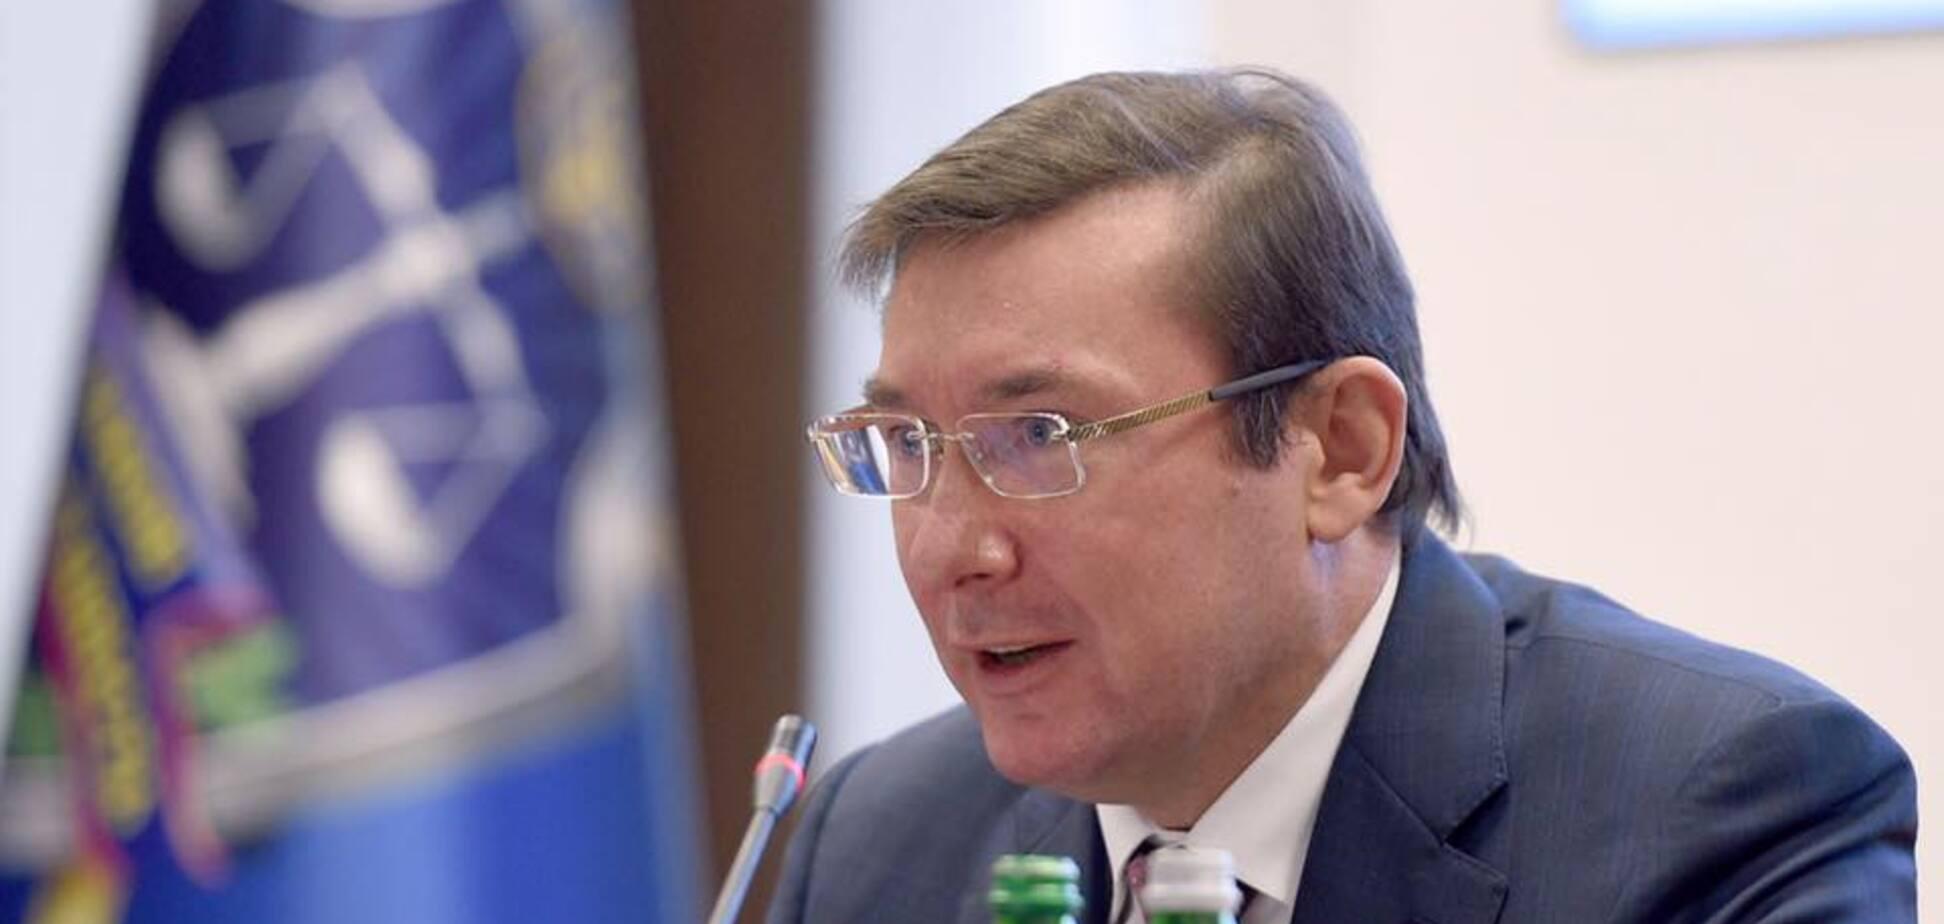 Очищення від корупції: Луценко виступив за спецконфіскацію за прикладом Британії